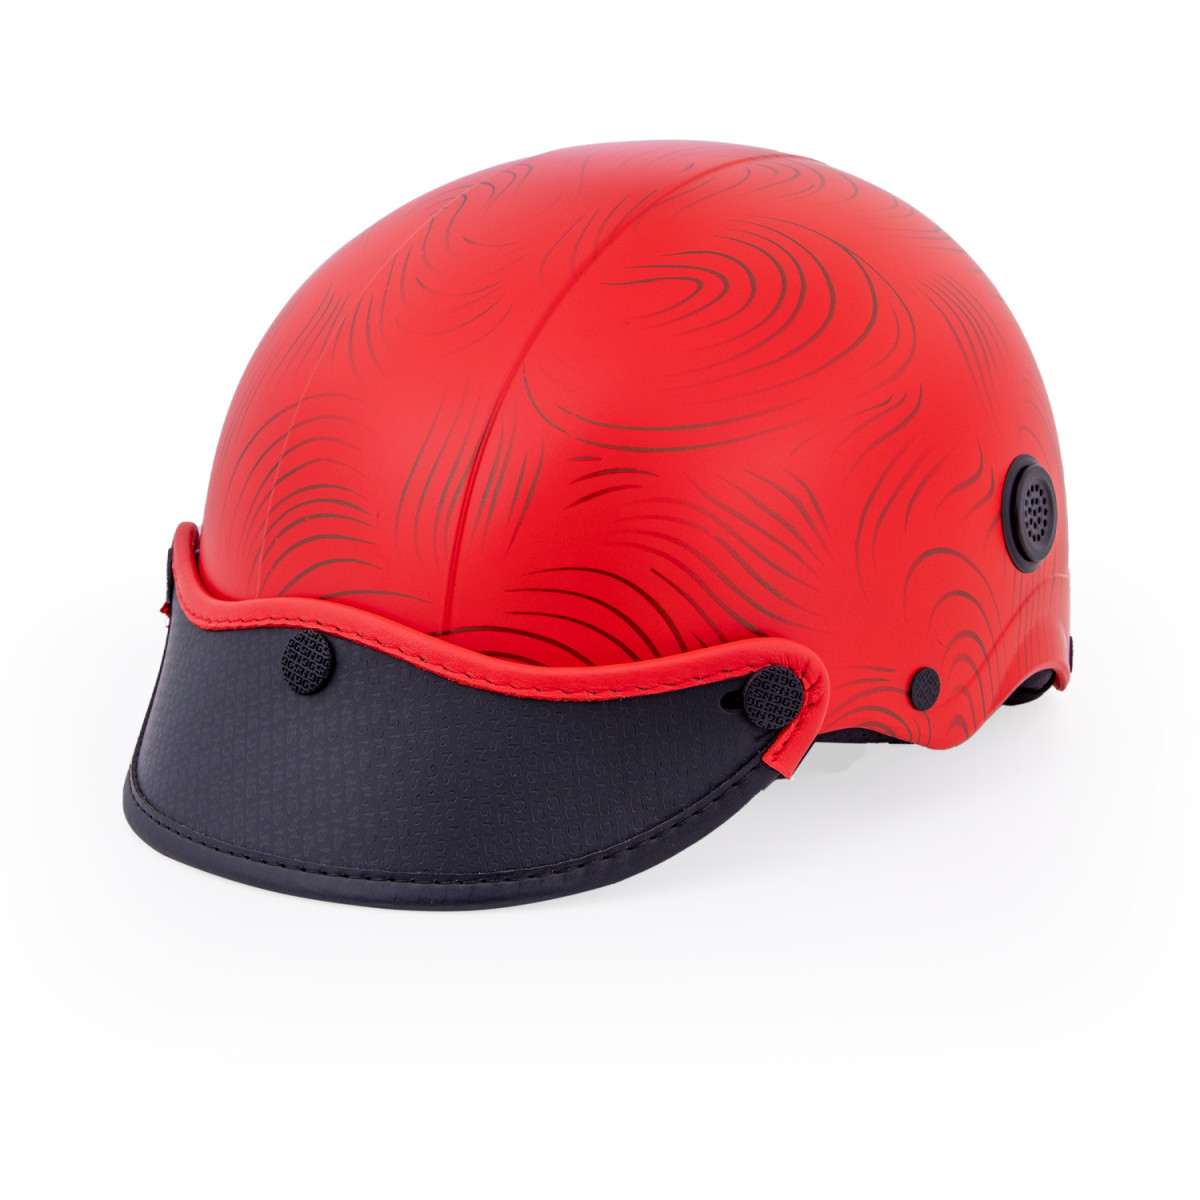 Mũ bảo hiểm lỗ thông gió NÓN SƠN chính hãng A-ĐO-349